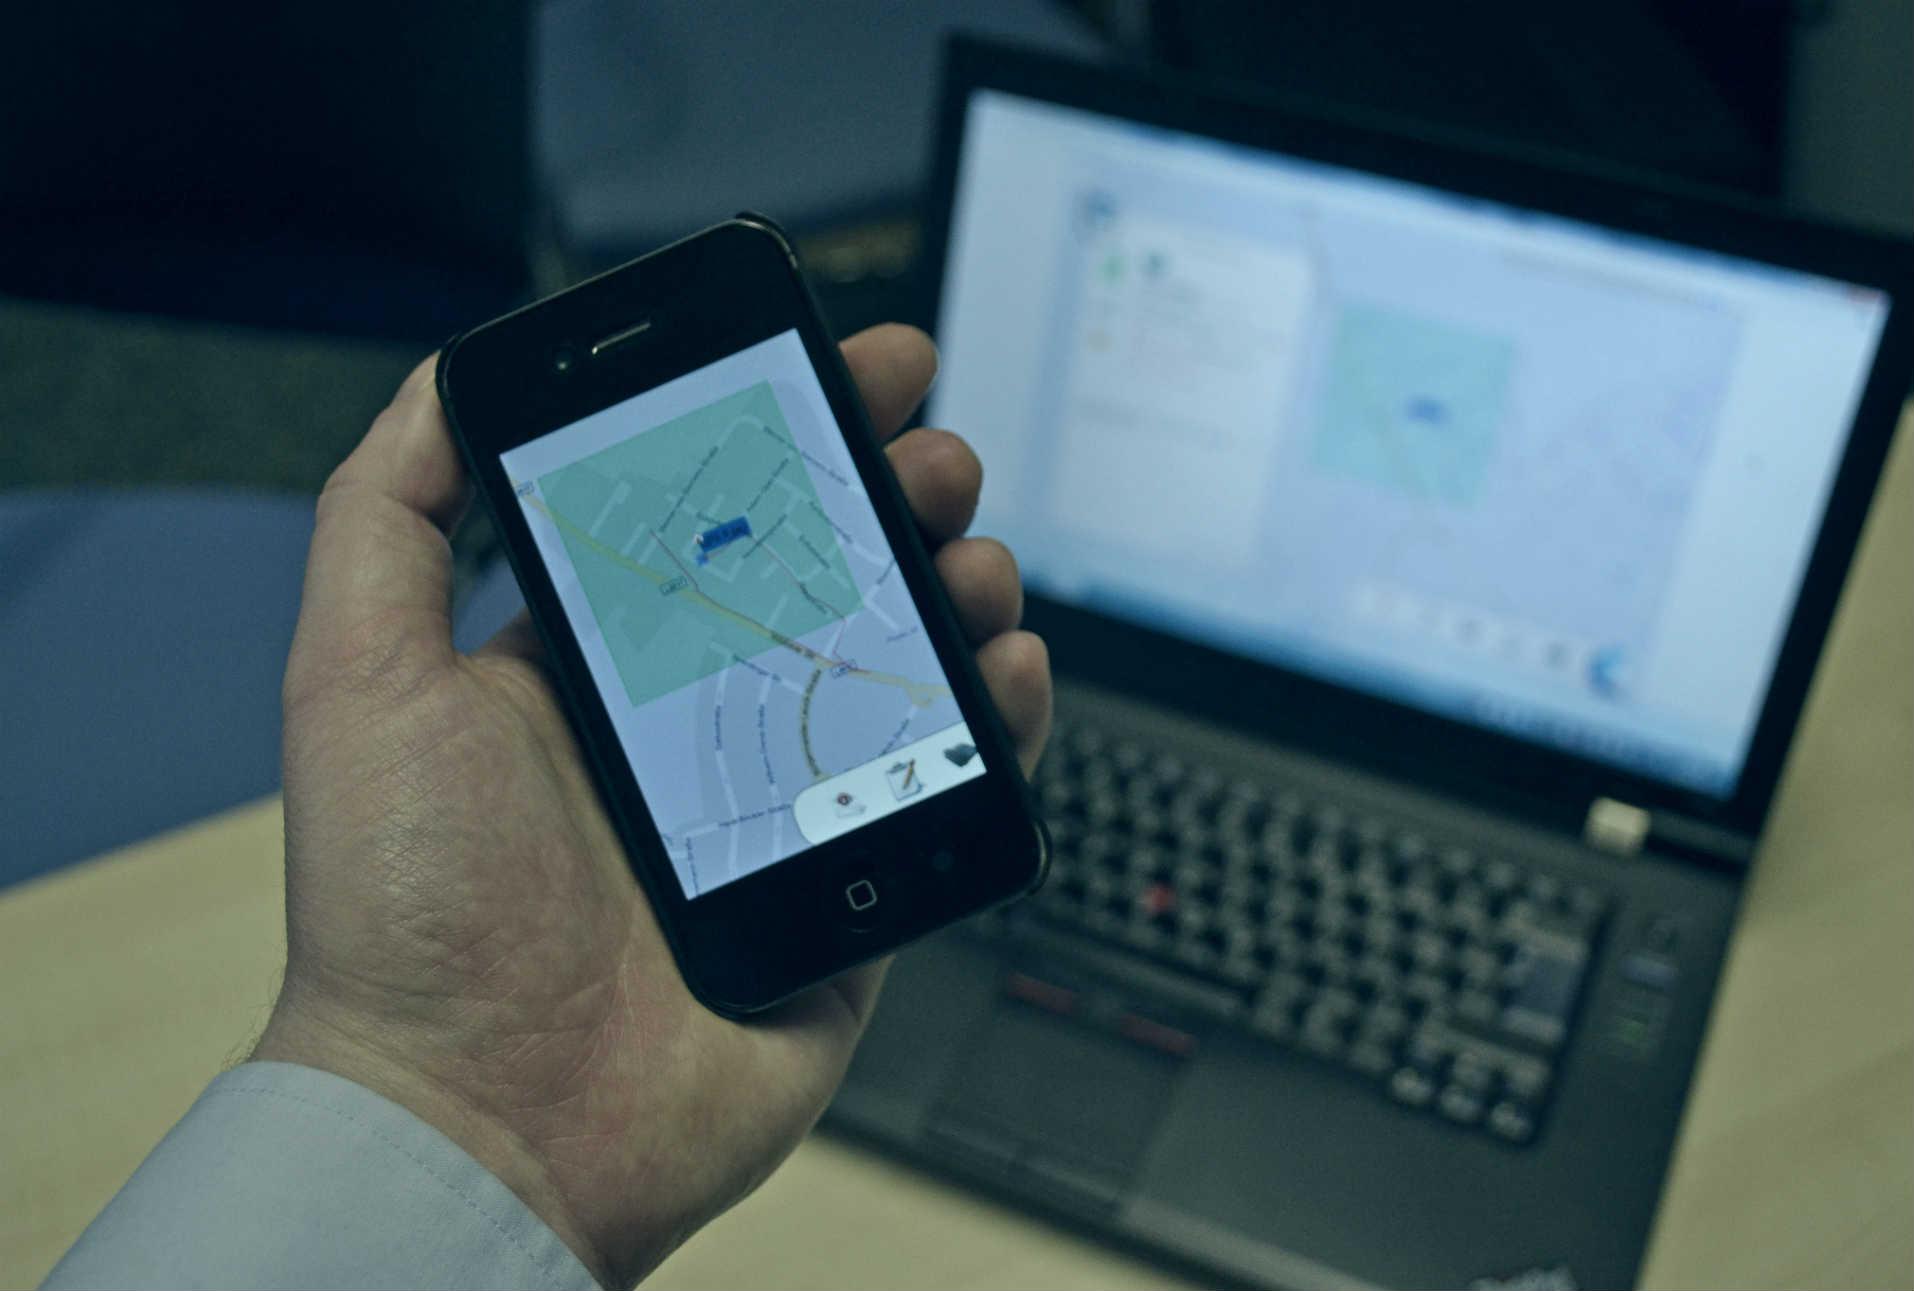 Corte de EE.UU establece como ilegal el uso de rastreadores de celulares sin orden judicial